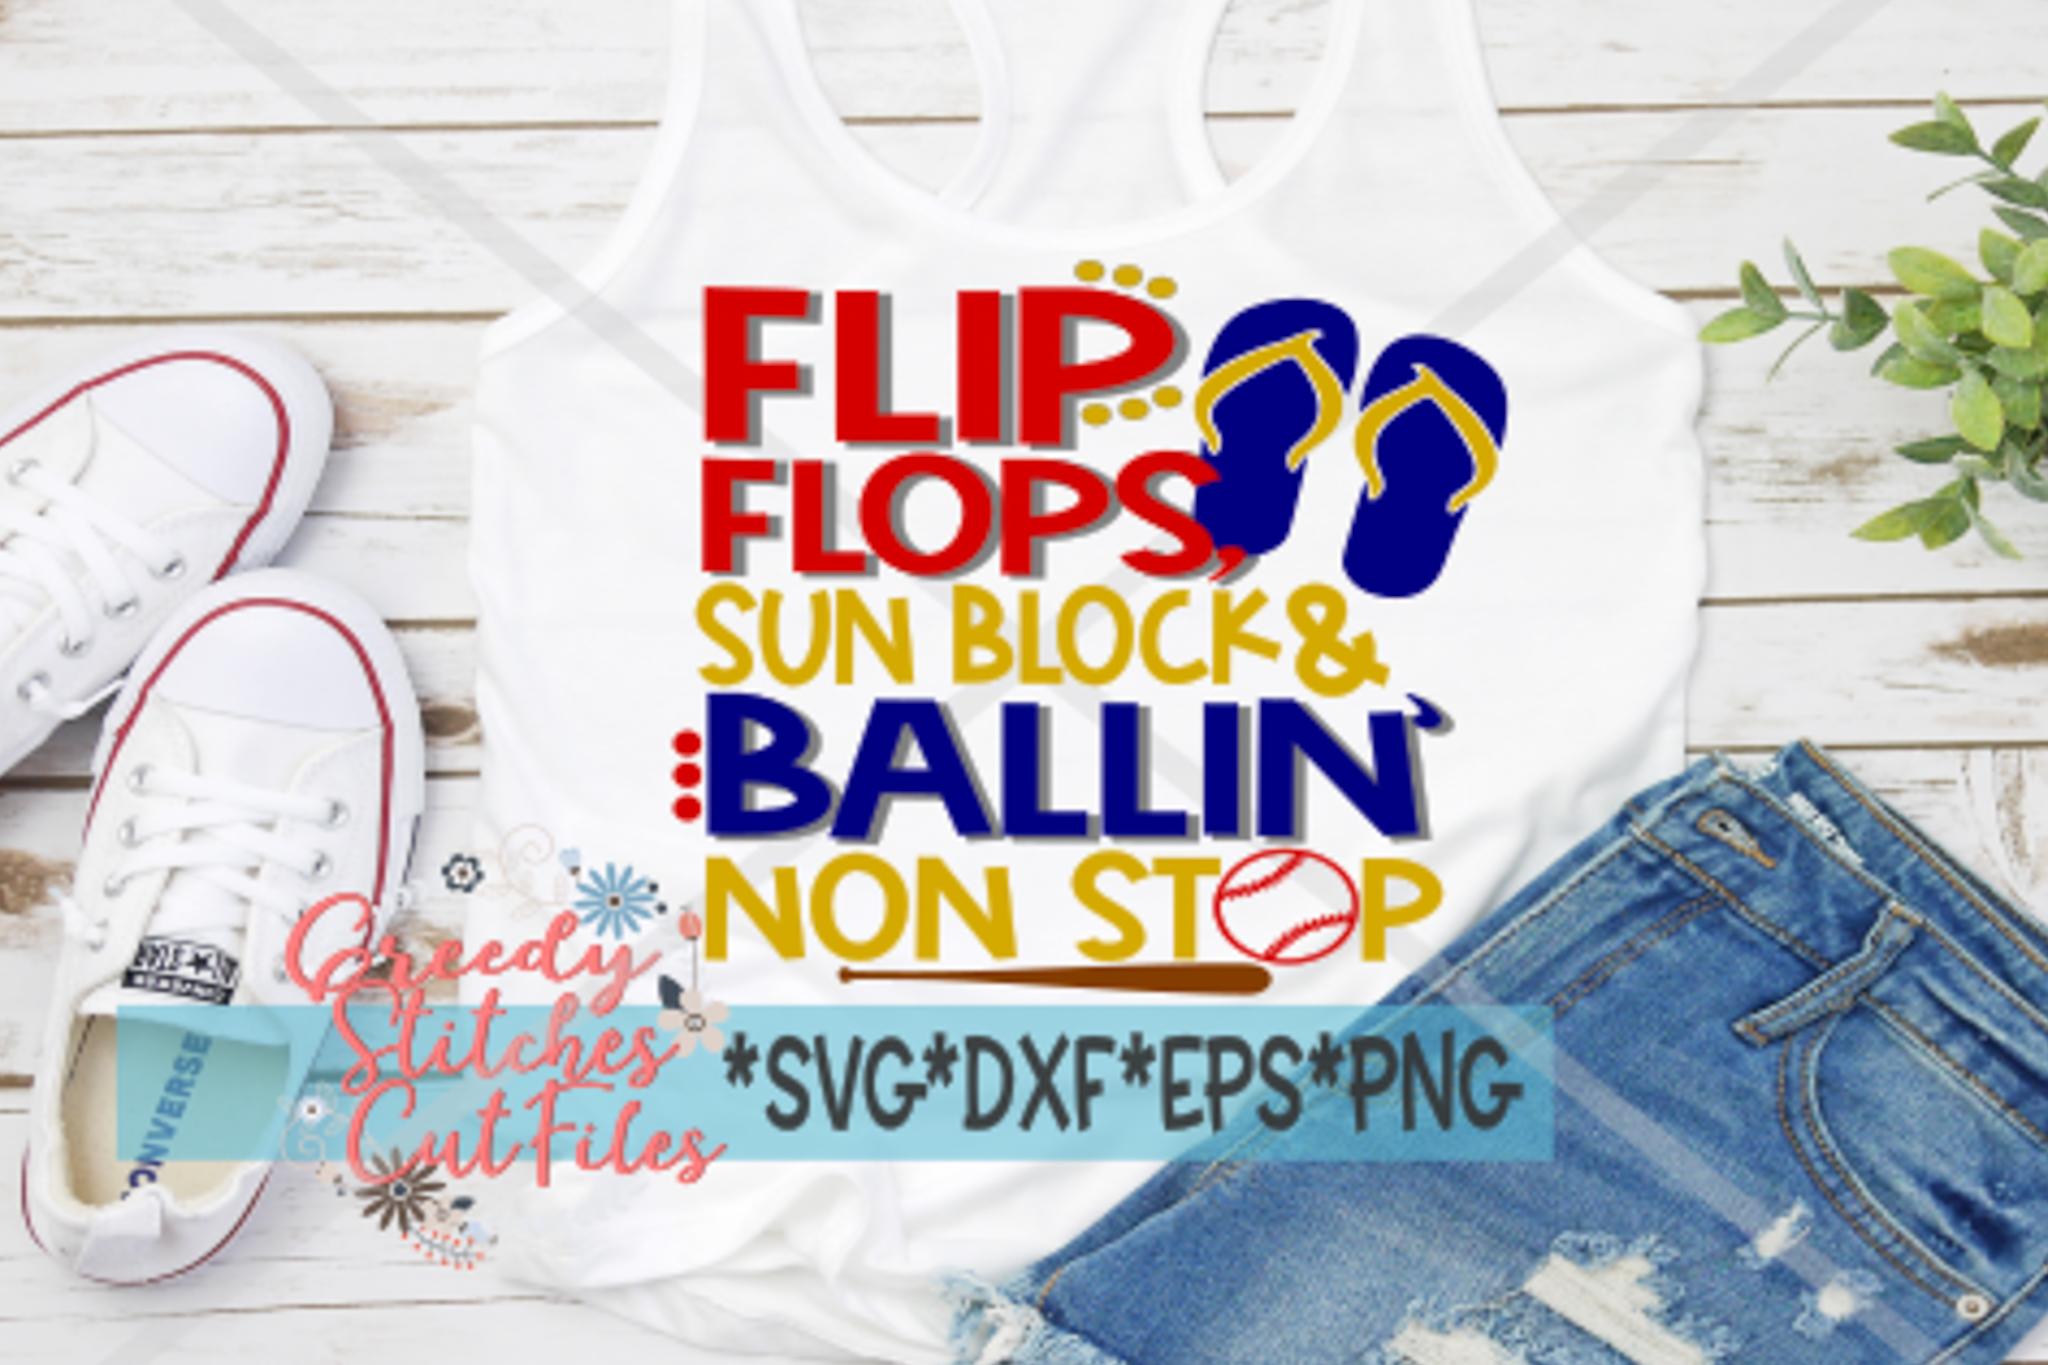 Flip Flops Sun Block Ballin' Non Stop SVG Baseball Softball example image 1